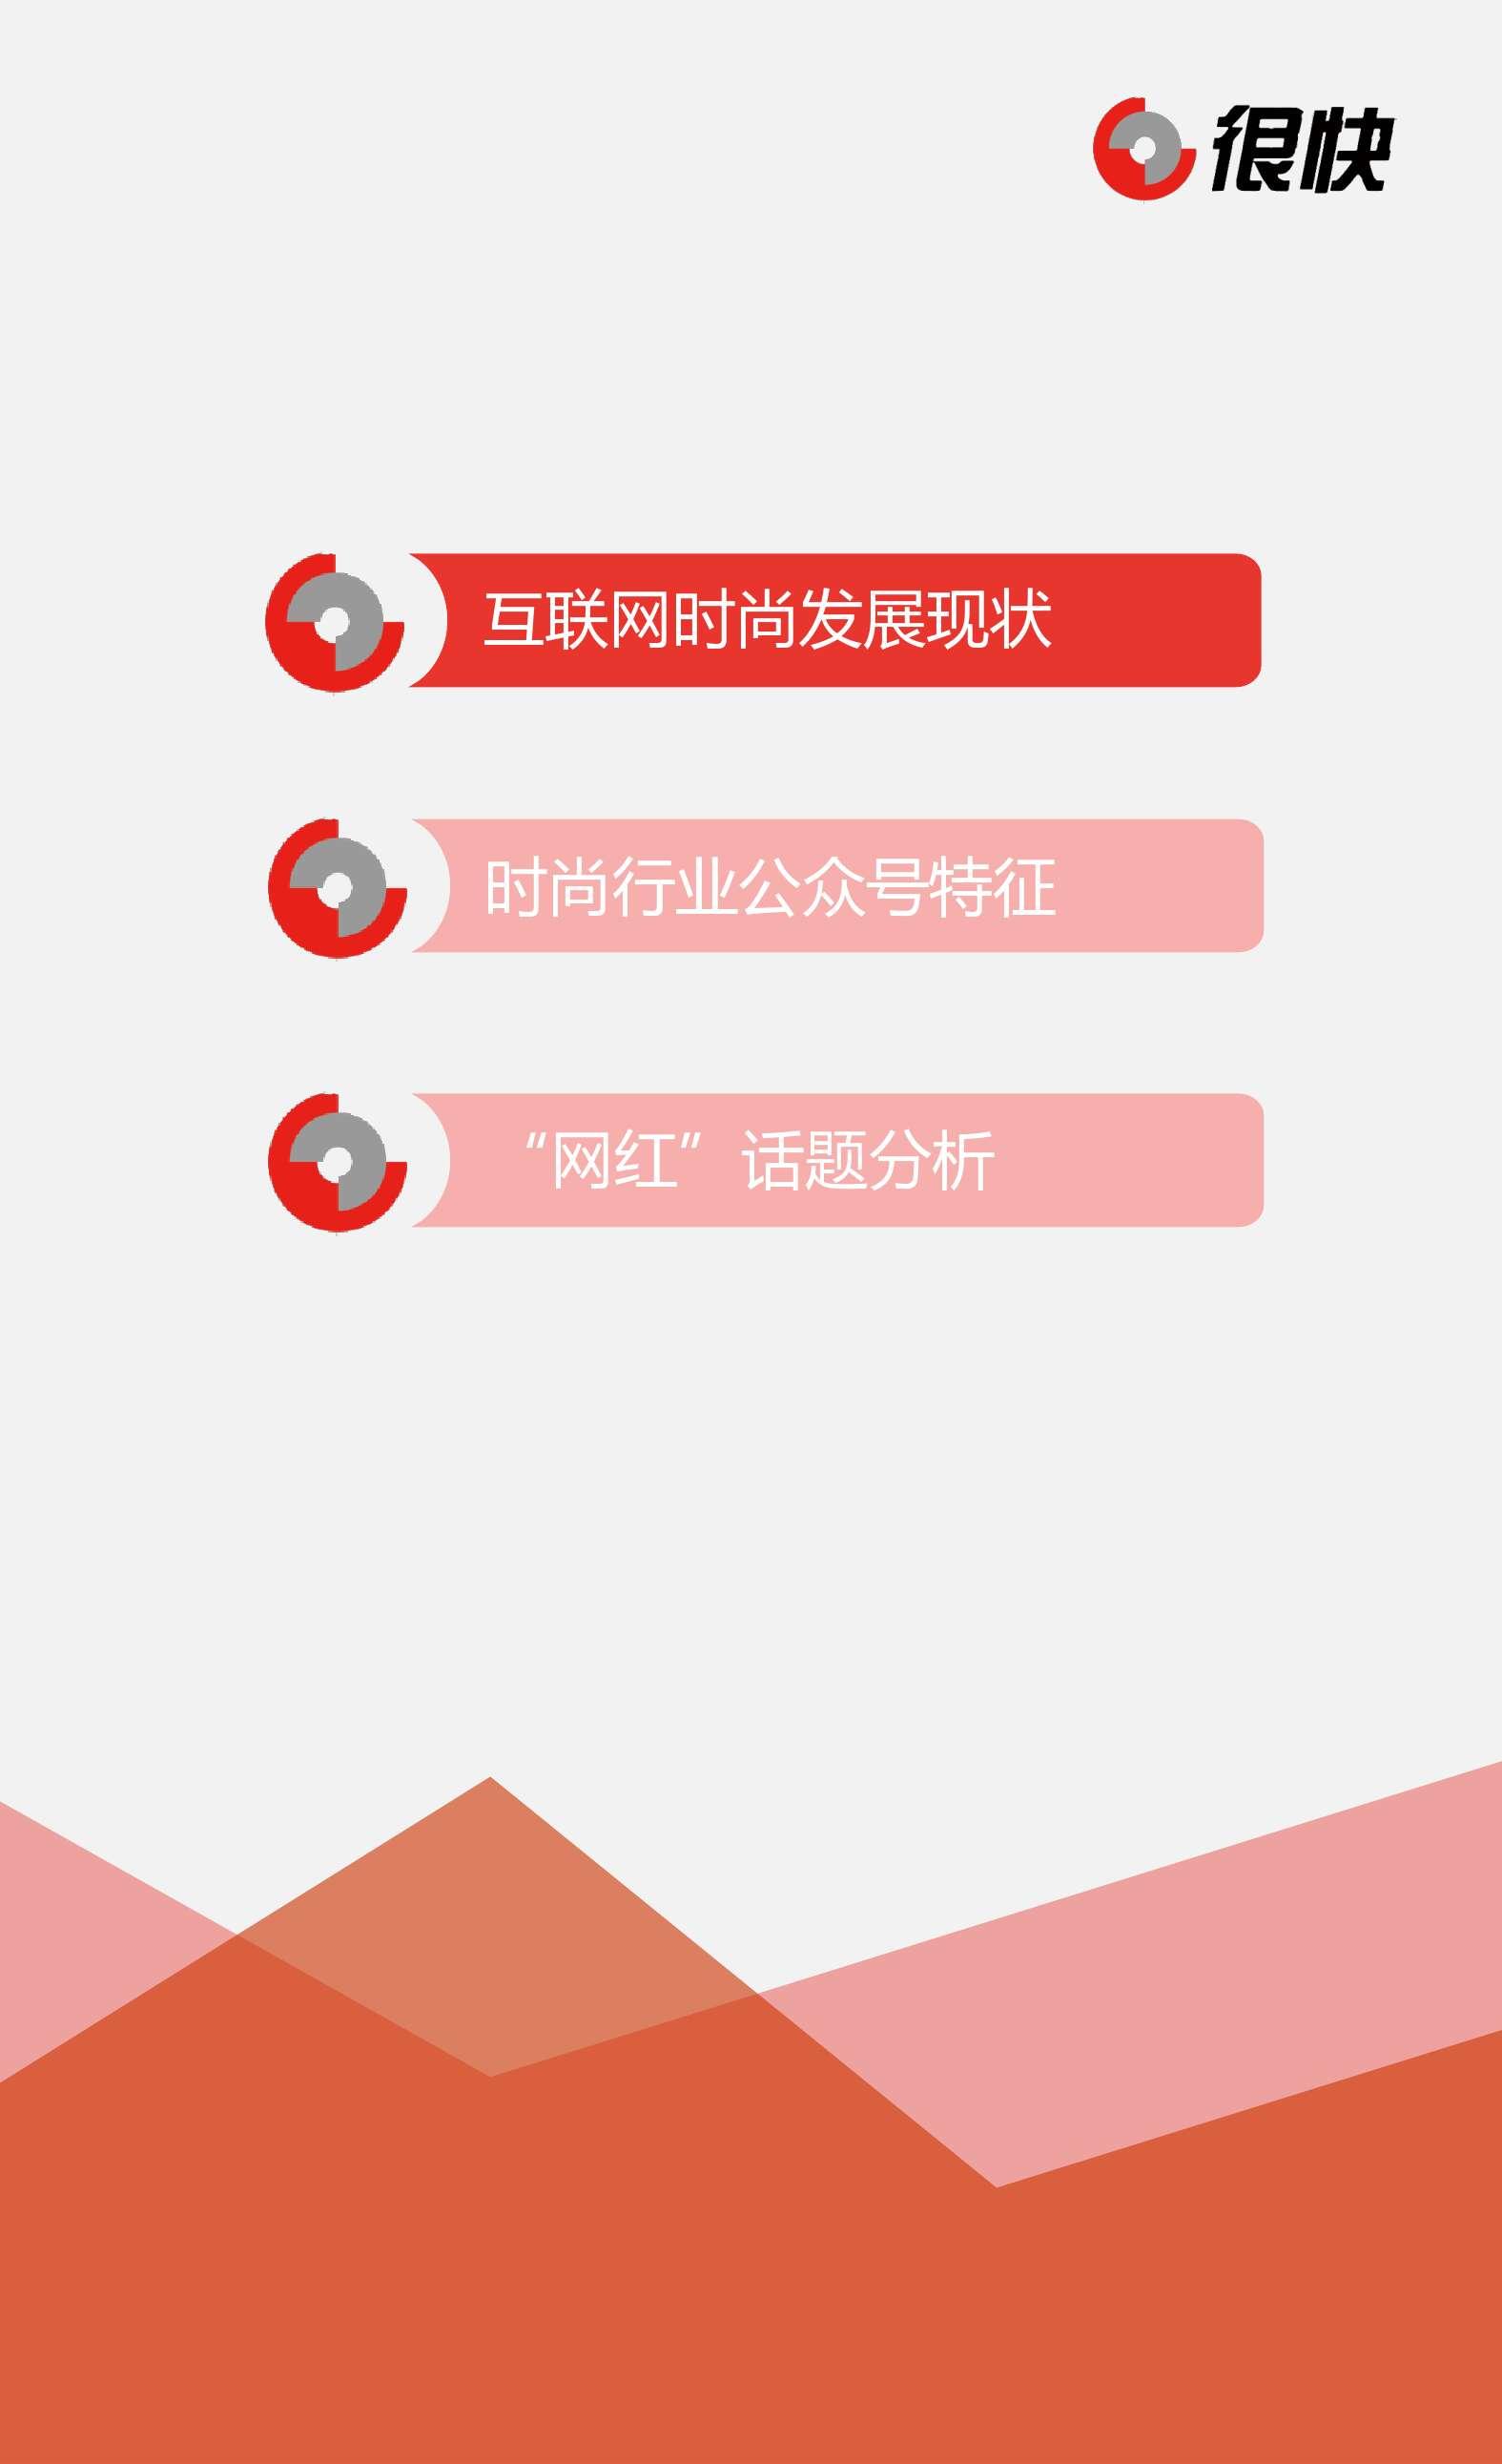 Henkuai-中国行业时尚微信公众号数据洞察报告_000002